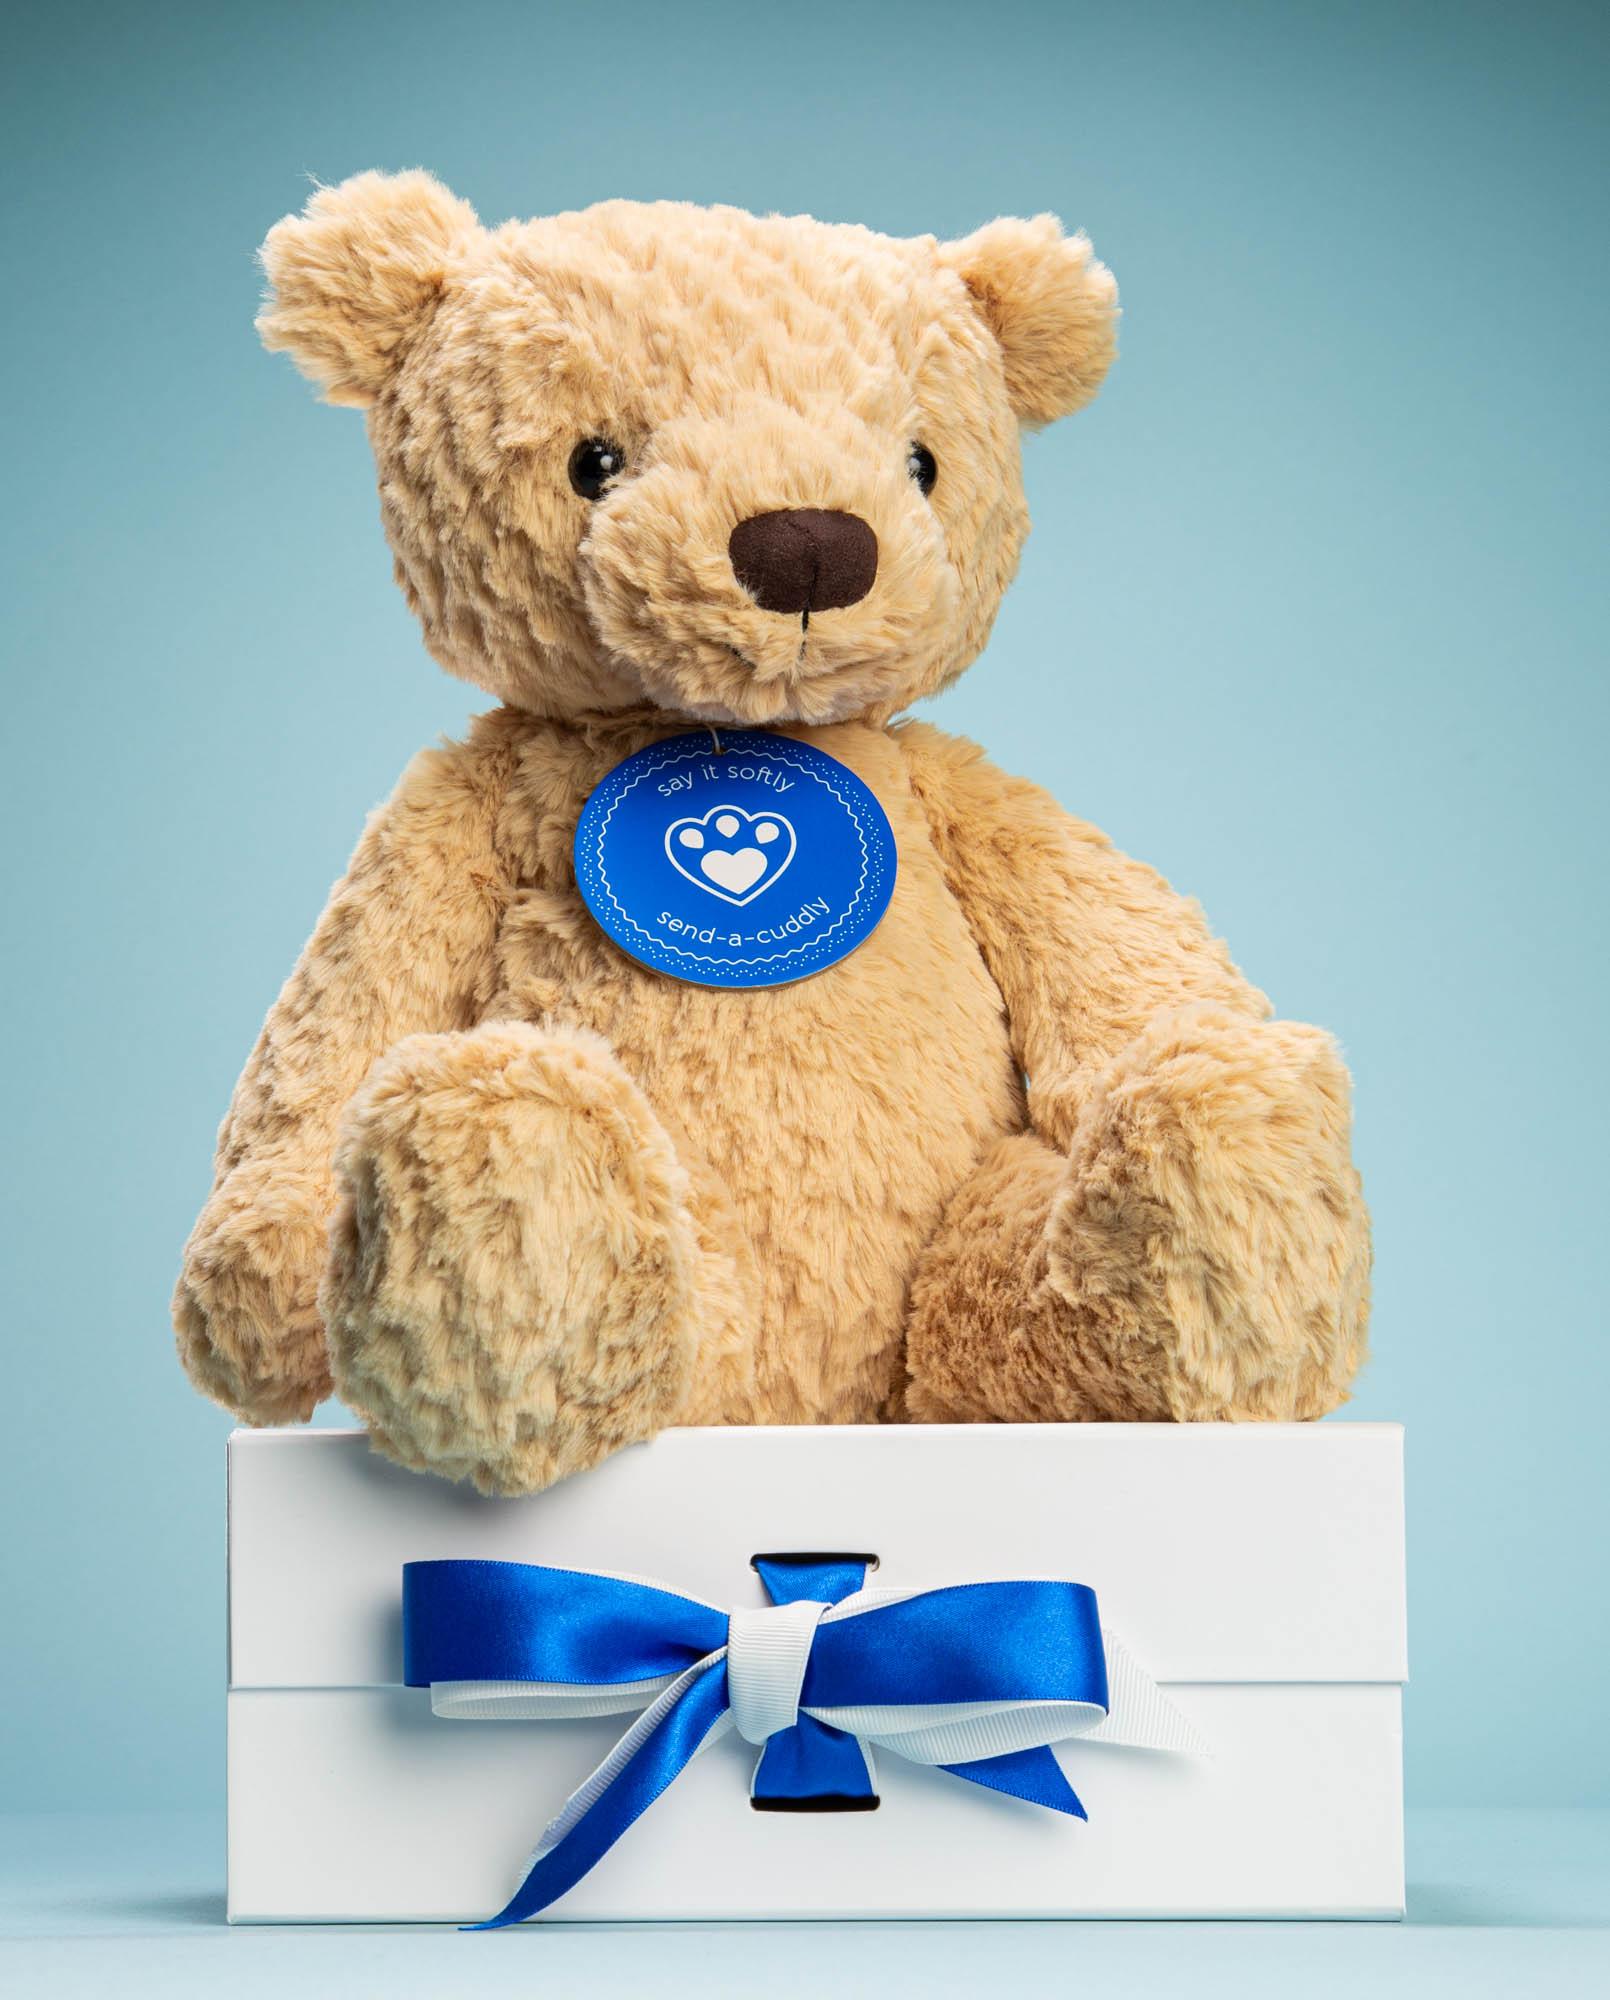 Finley Teddy Bear soft toy gift - Send a Cuddly